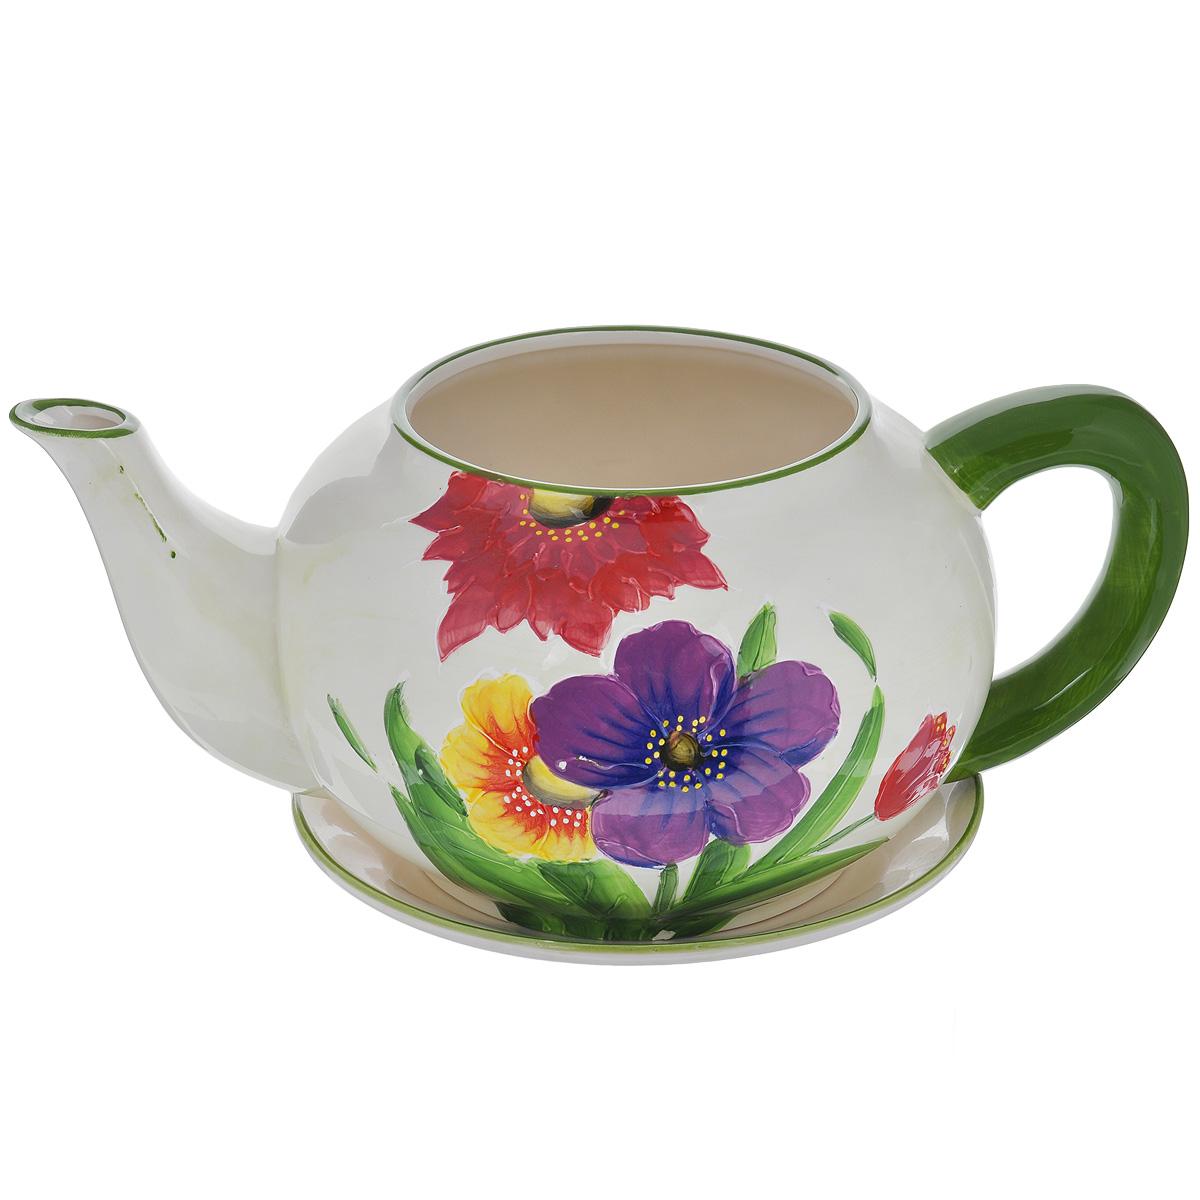 Кашпо Lillo Яркие цветы, с поддономGPS10-11-CКашпо-горшок для цветов Lillo Яркие цветы выполнен из прочной керамики в виде заварочного чайника с блюдцем. Изделие предназначено для цветов.Такие изделия часто становятся последним штрихом, который совершенно изменяет интерьер помещения или ландшафтный дизайн сада. Благодаря такому кашпо вы сможете украсить вашу комнату, офис, сад и другие места. Изделие оснащено специальным поддоном - блюдцем.Диаметр кашпо по верхнему краю: 14,5 см.Высота кашпо (без учета поддона): 16 см.Диаметр поддона: 23 см.